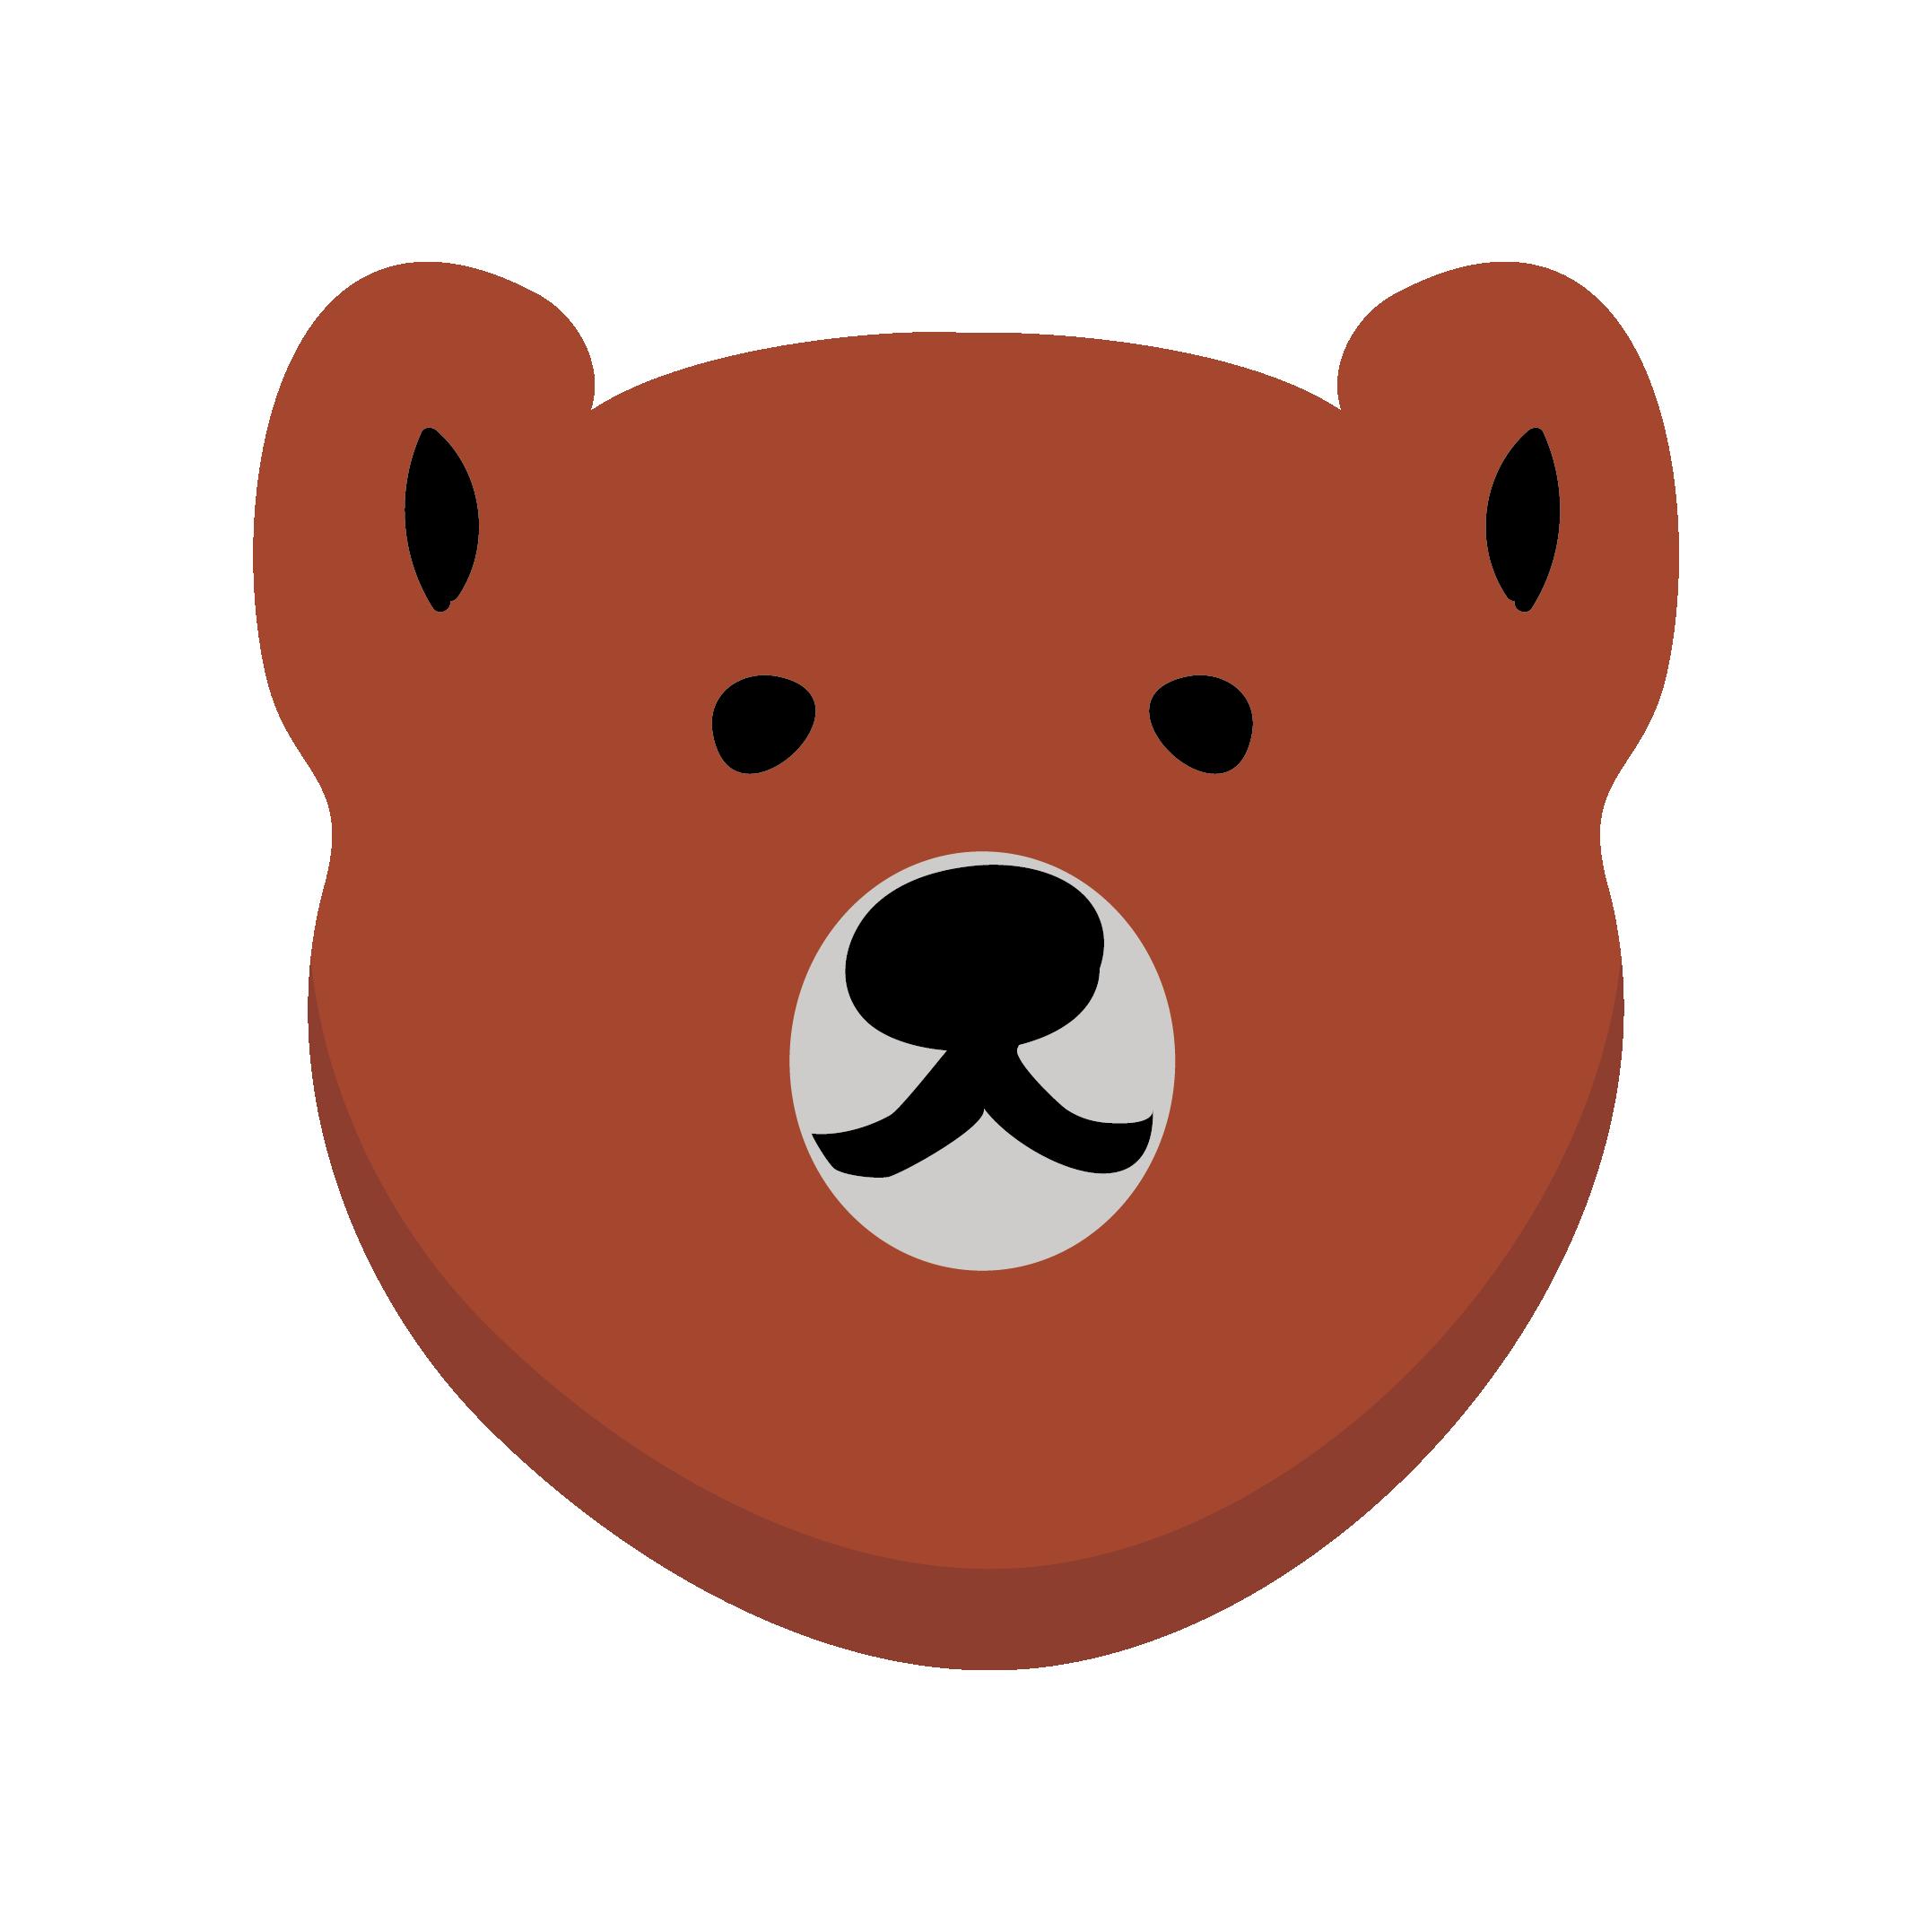 かわいい!くま(熊・クマ) 無料 イラスト(ブラウンベア)